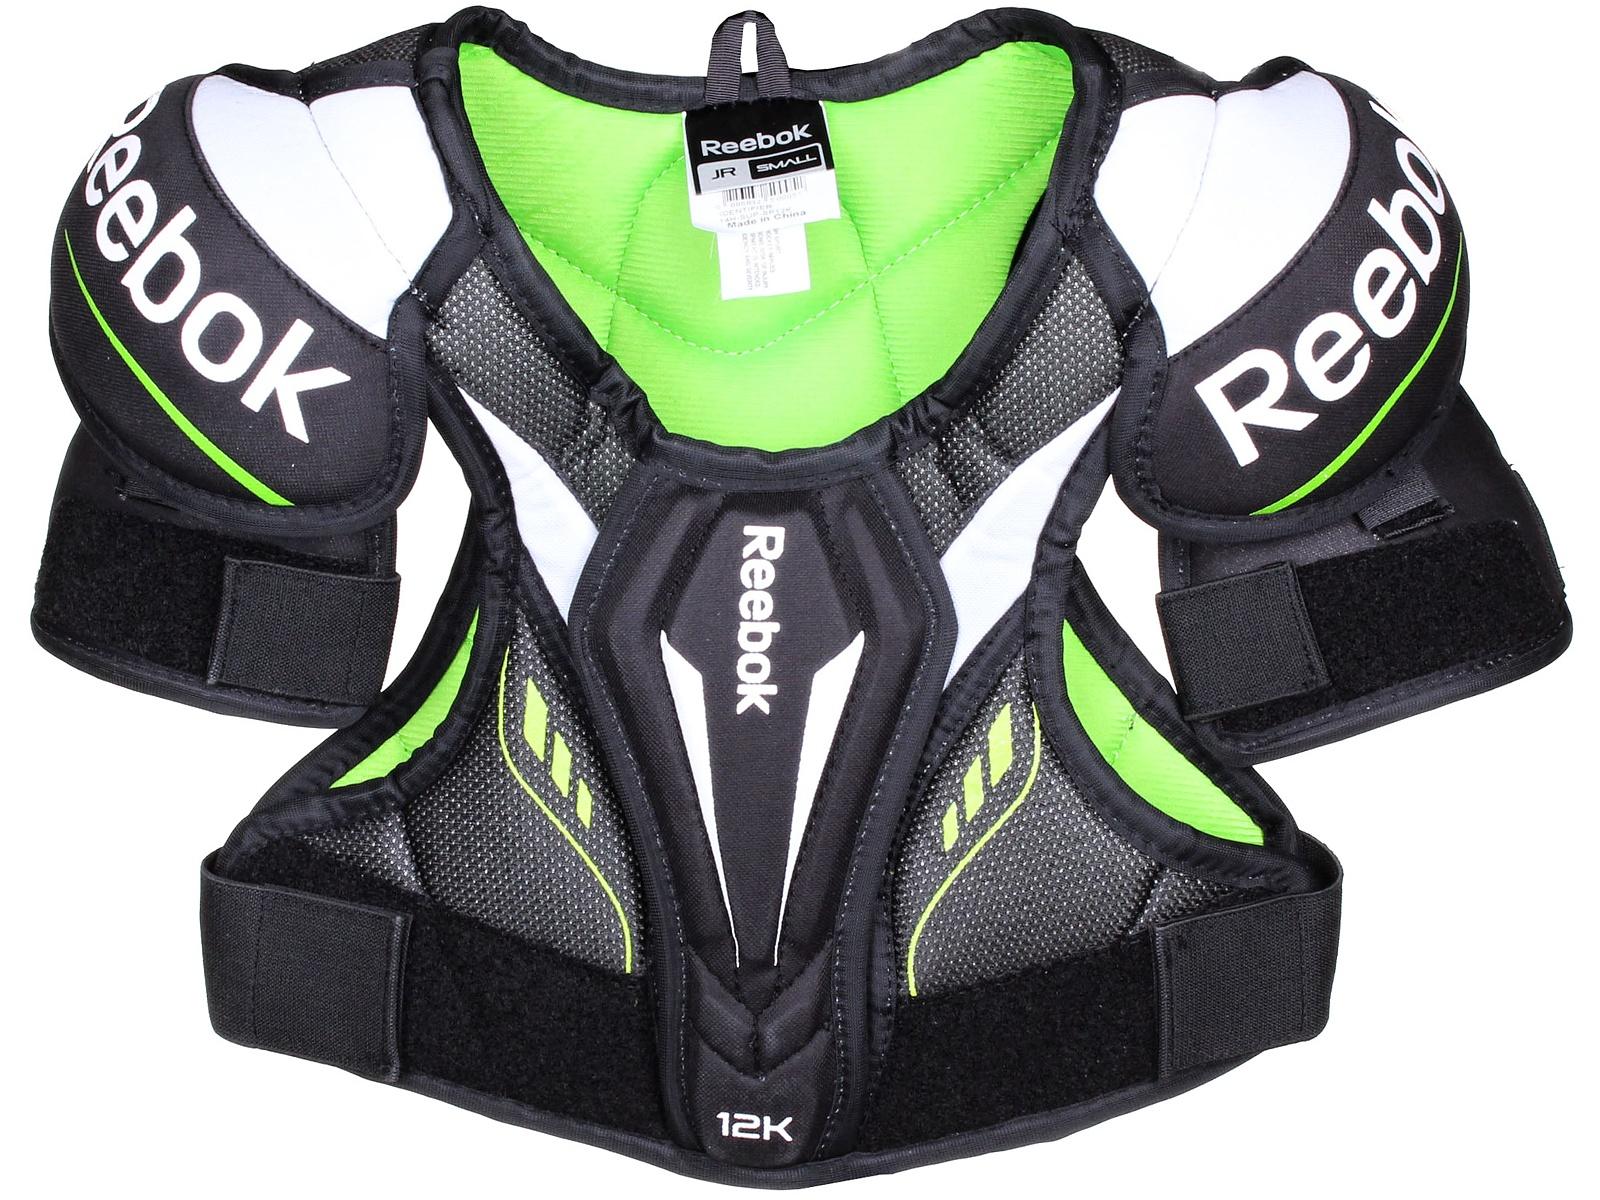 Hokejový chránič ramen REEBOK 12K Limited JR - vel. S